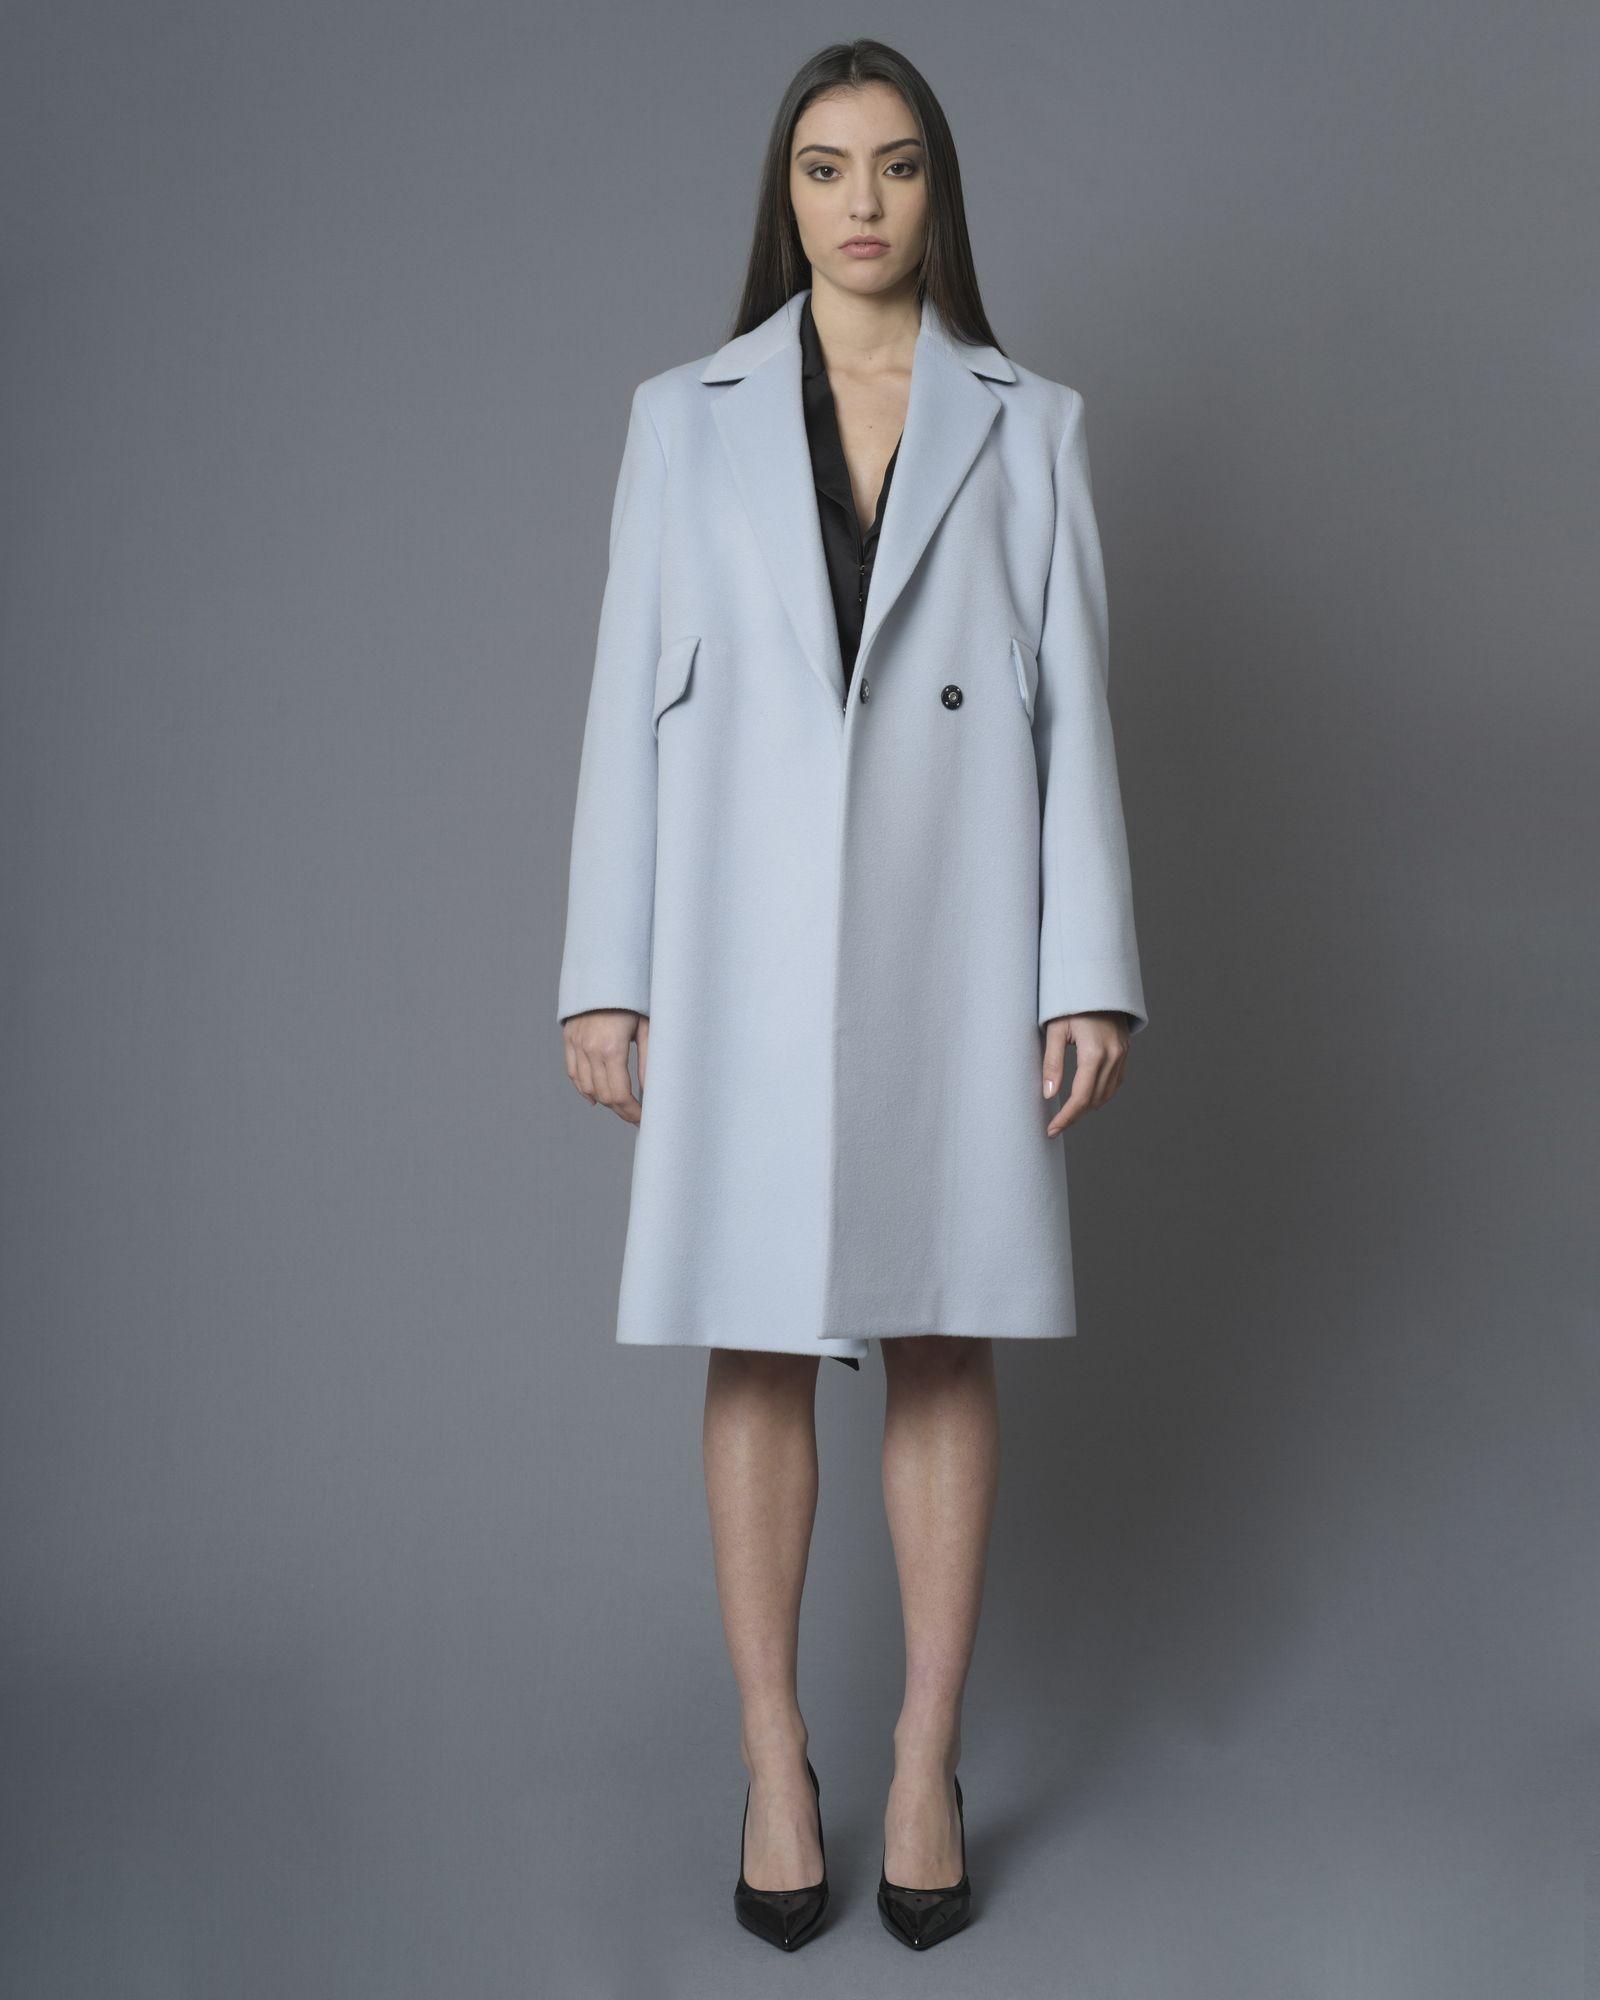 Manteau bleu pâle en laine Eleventy